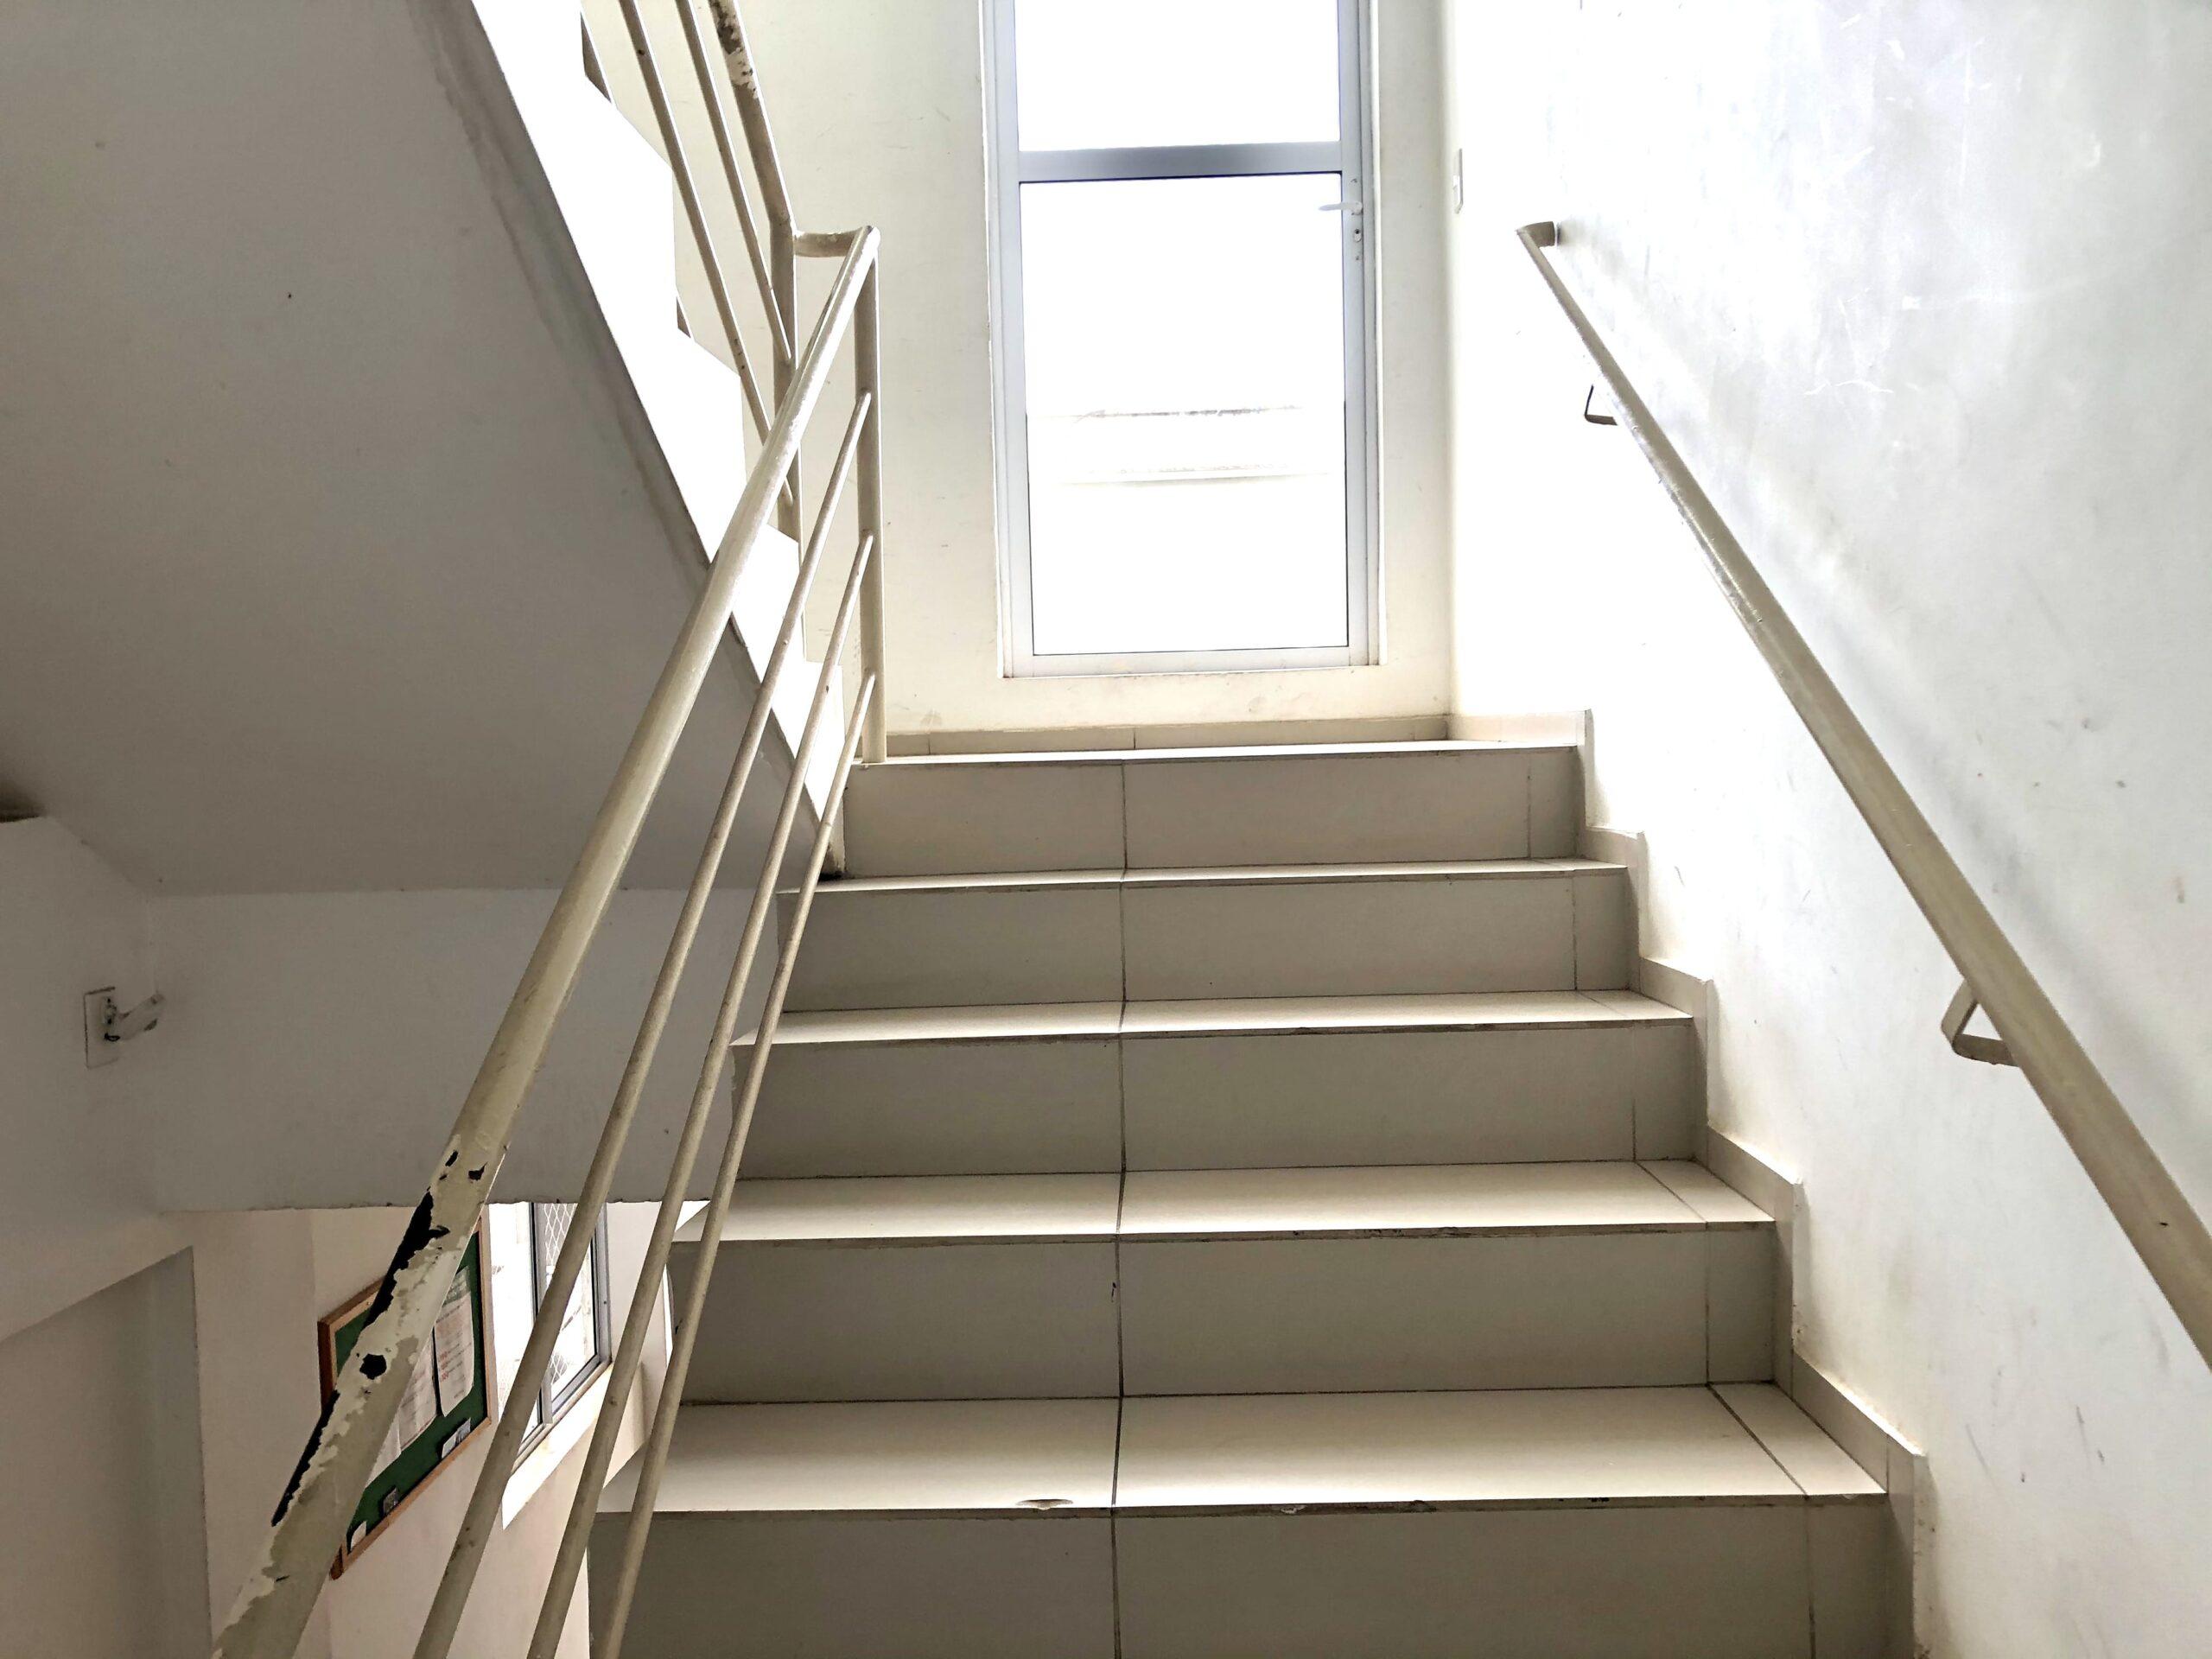 19 Apartamento para venda no Edifício Recanto das Palmeiras Teresina,3 Quartos, sendo 1 suíte, banheiro social, 1 vaga, piso em porcelanato